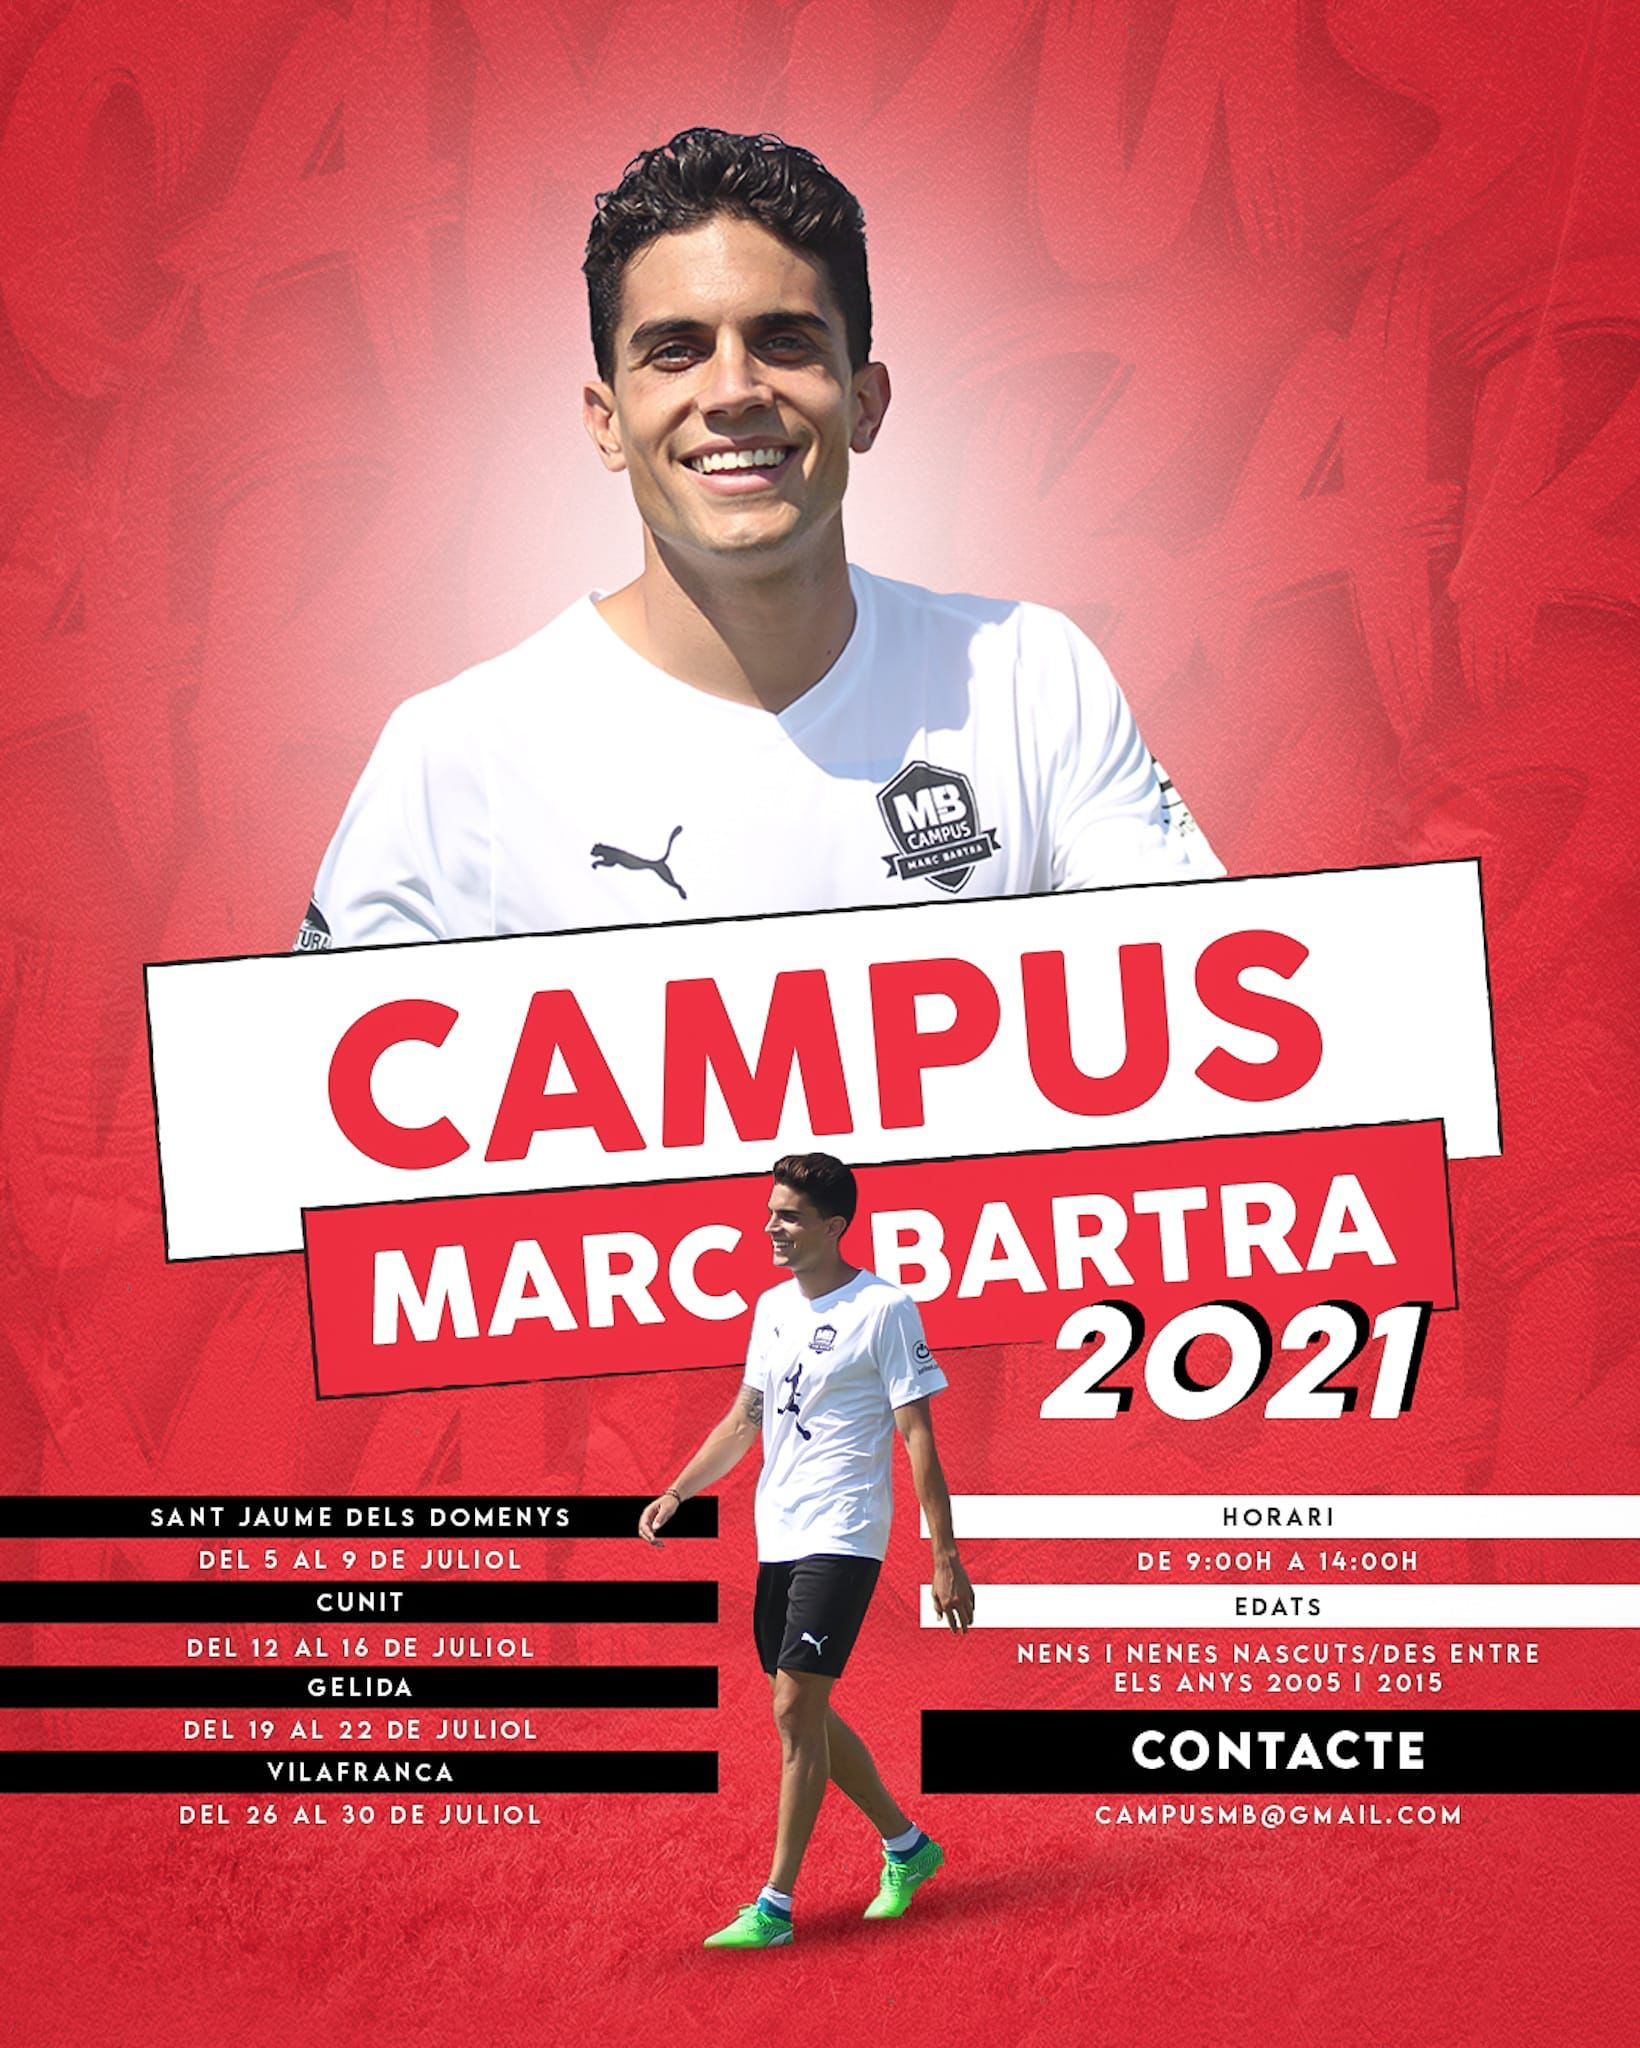 Campus d'Estiu del CFB Marc Bartra a Cunit